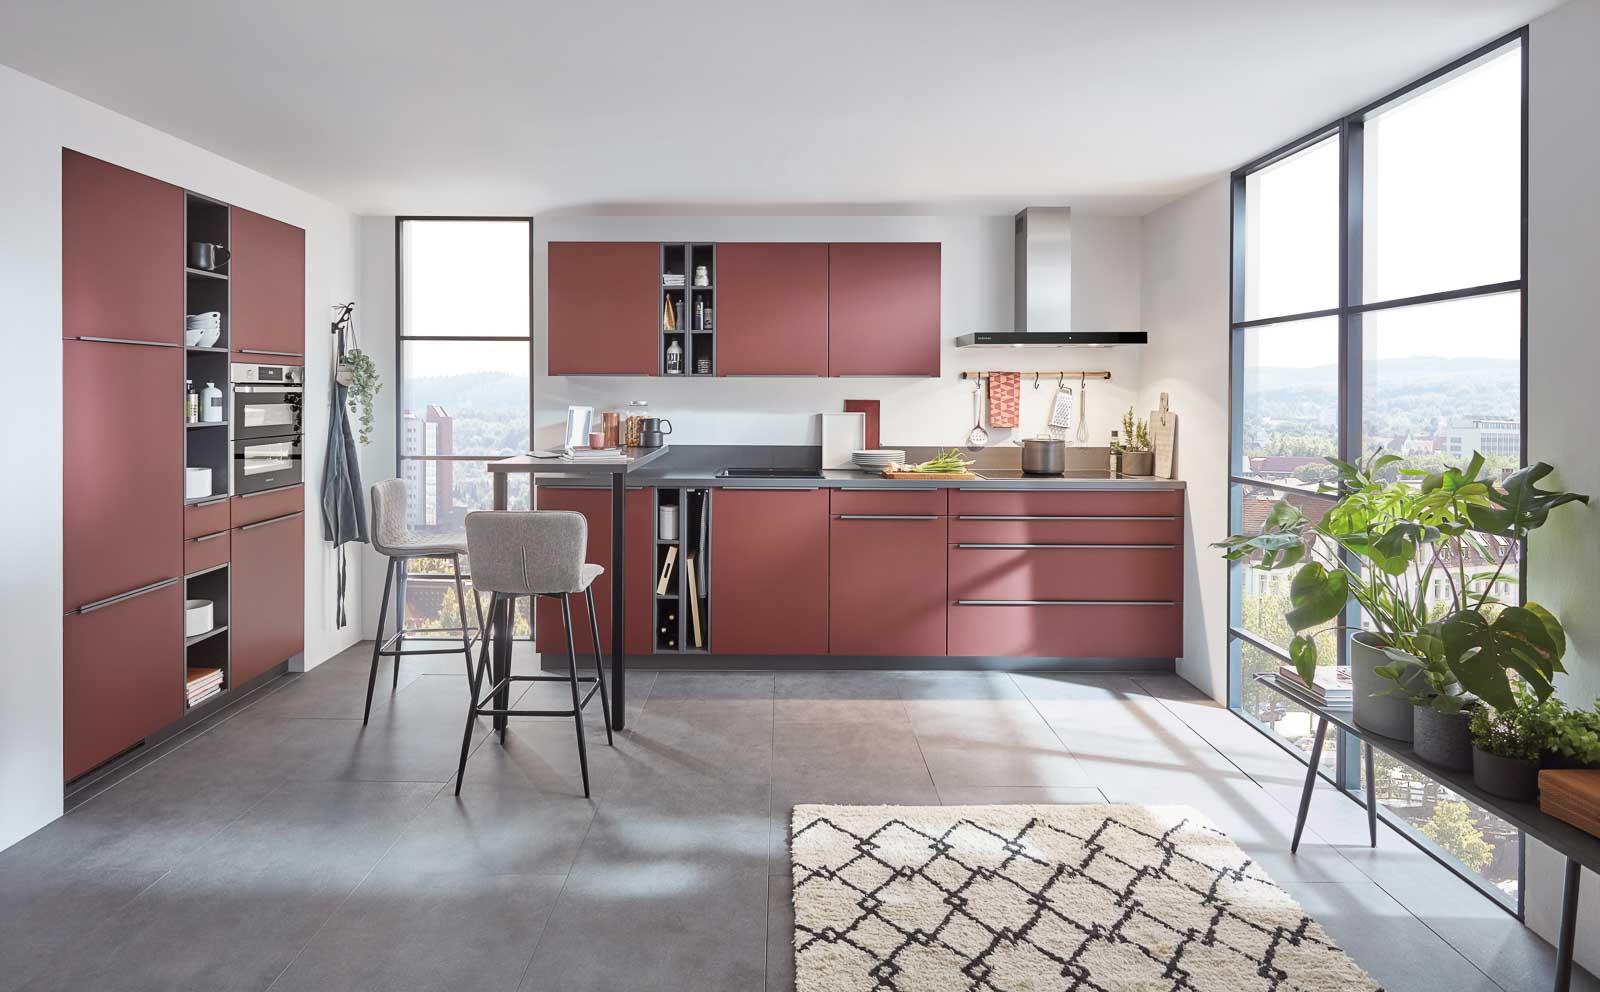 Nobilia Küchen - Modell Easytouch -963